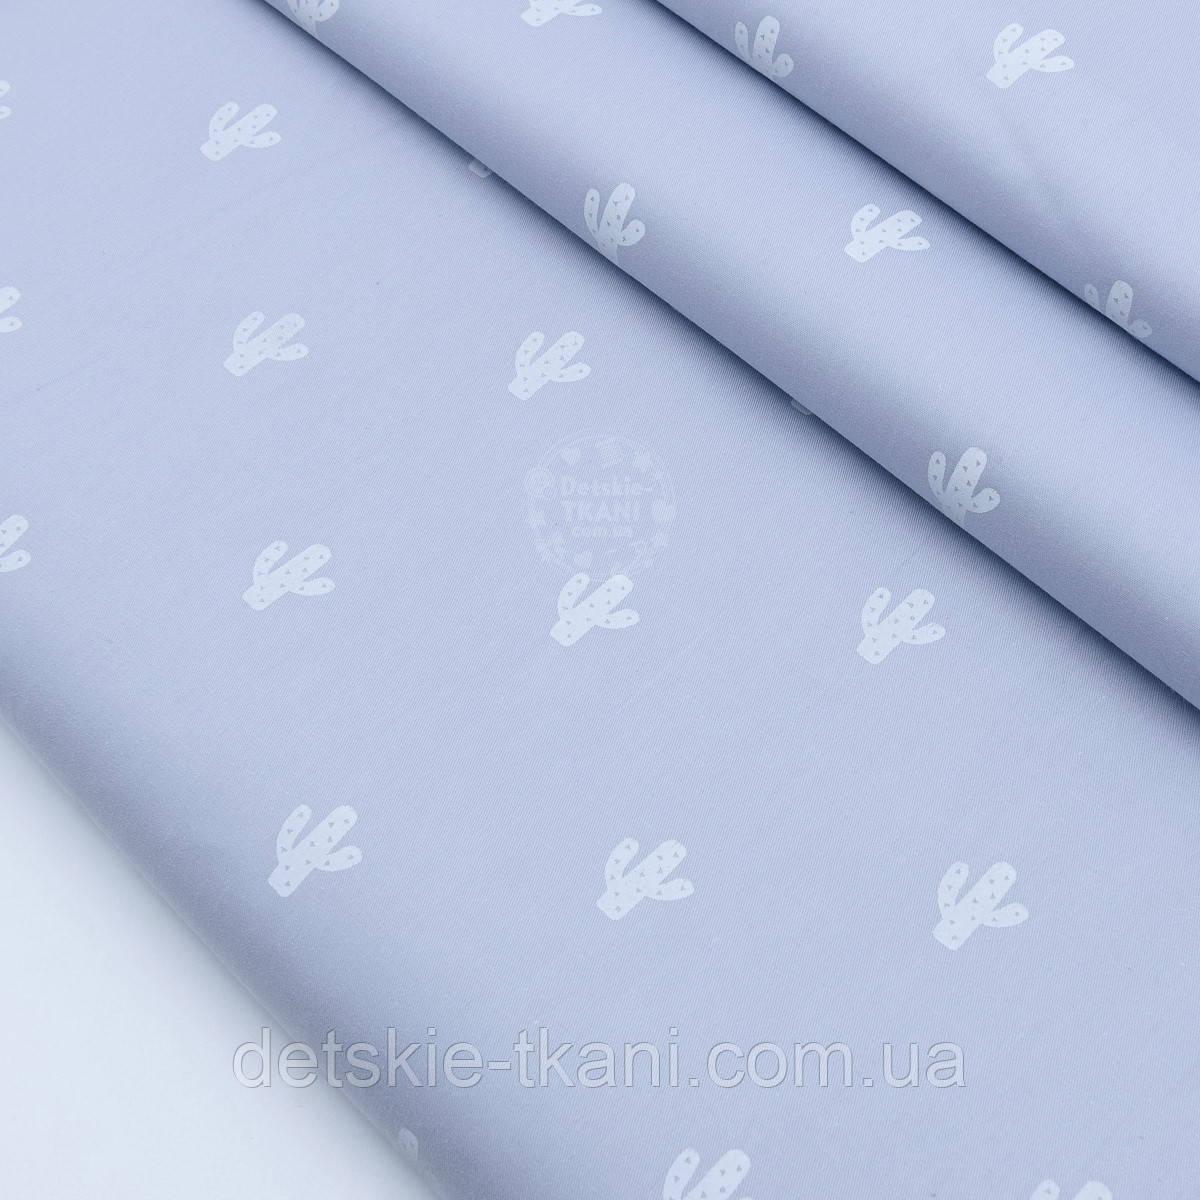 """Лоскут сатина """"Кактусы"""" белые на сером № 1797с, размер 42*80 см"""